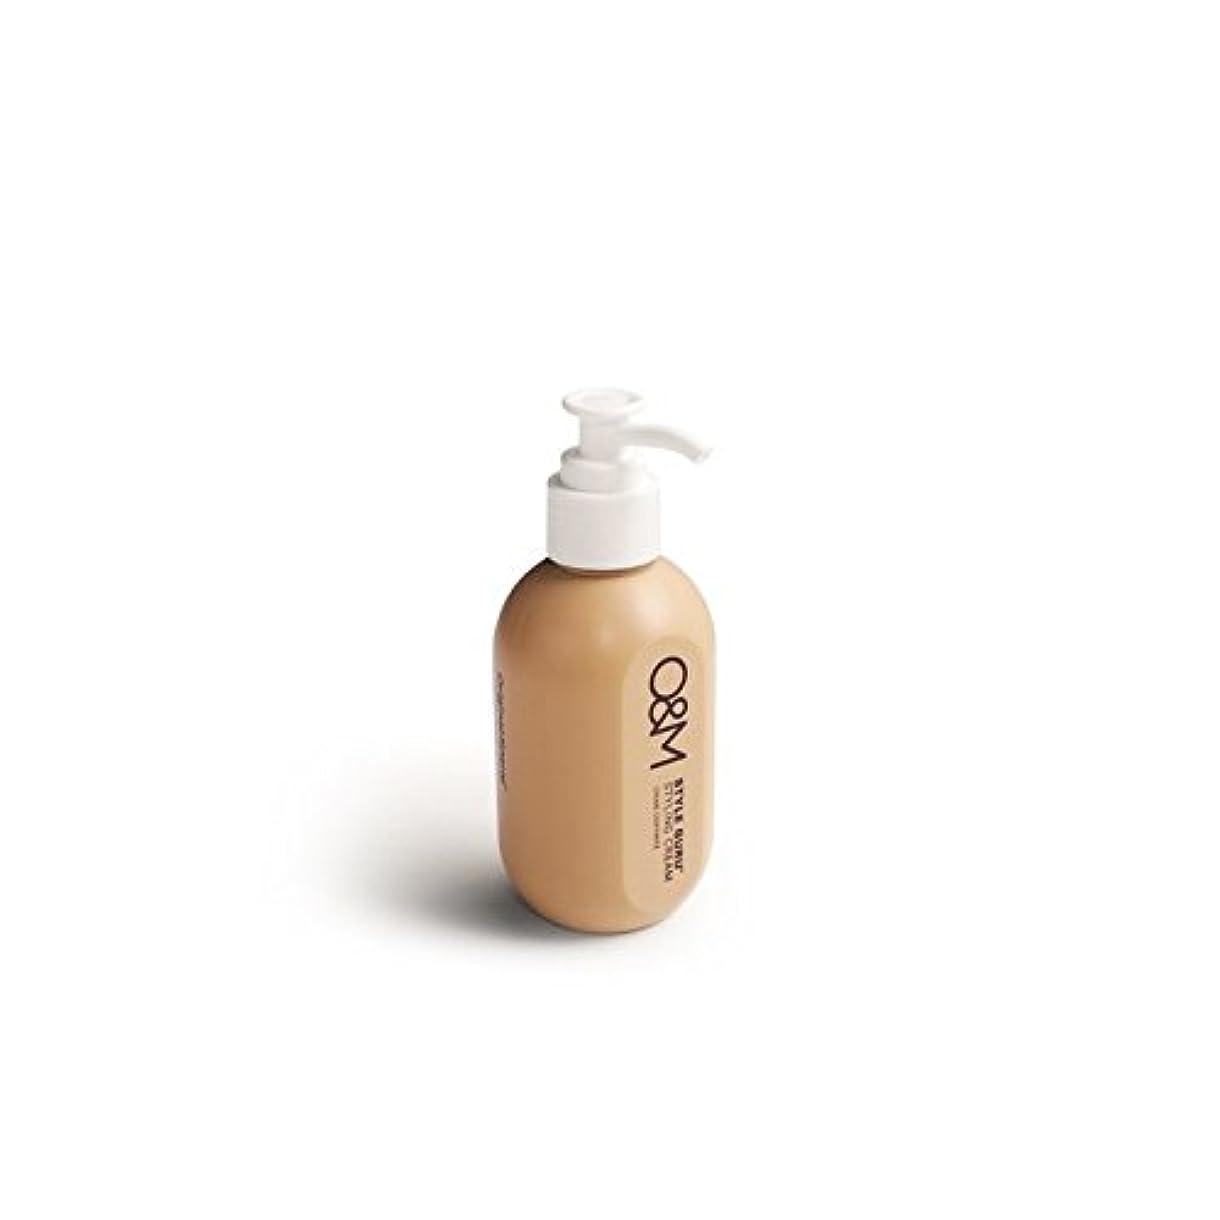 鳴らす美的不倫オリジナル&ミネラルスタイルの第一人者スタイリングクリーム(150ミリリットル) x4 - Original & Mineral Style Guru Styling Cream (150ml) (Pack of 4) [並行輸入品]